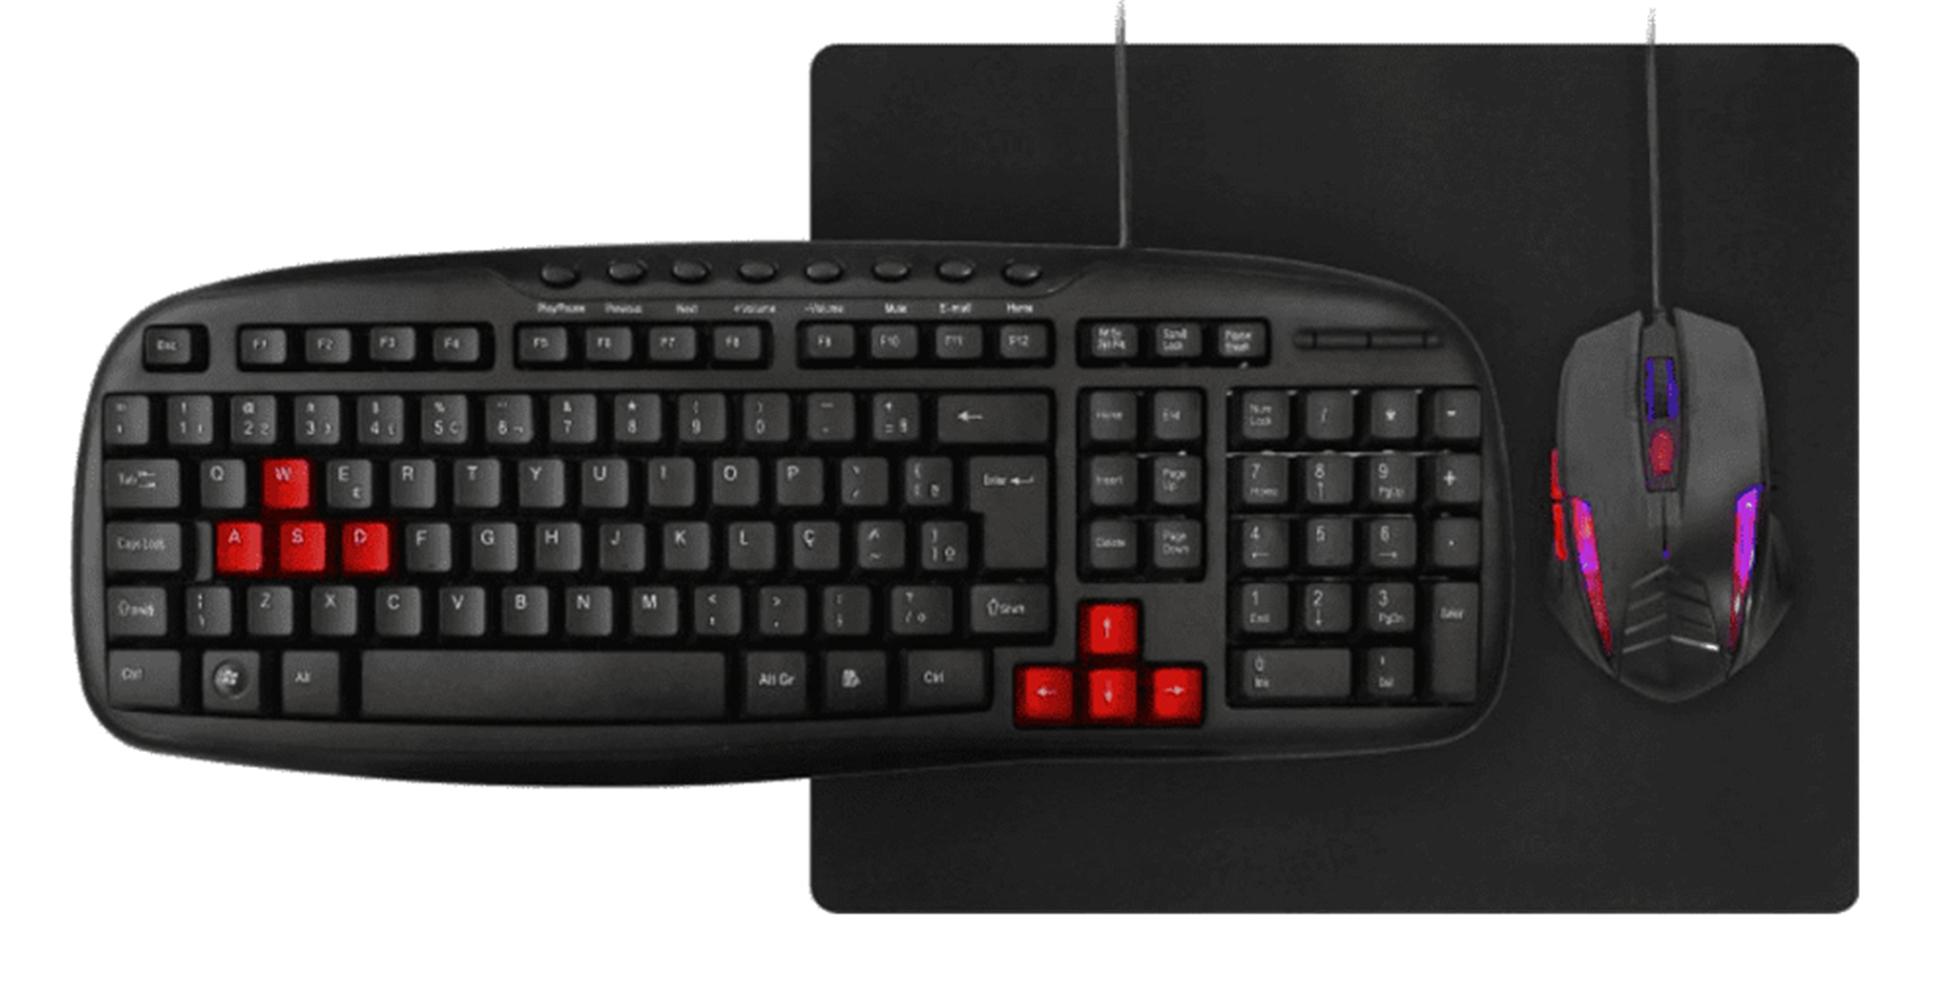 Kit Gamer Tec, Mouse, Mouse Pad C, Fio Km1328 K-Mex